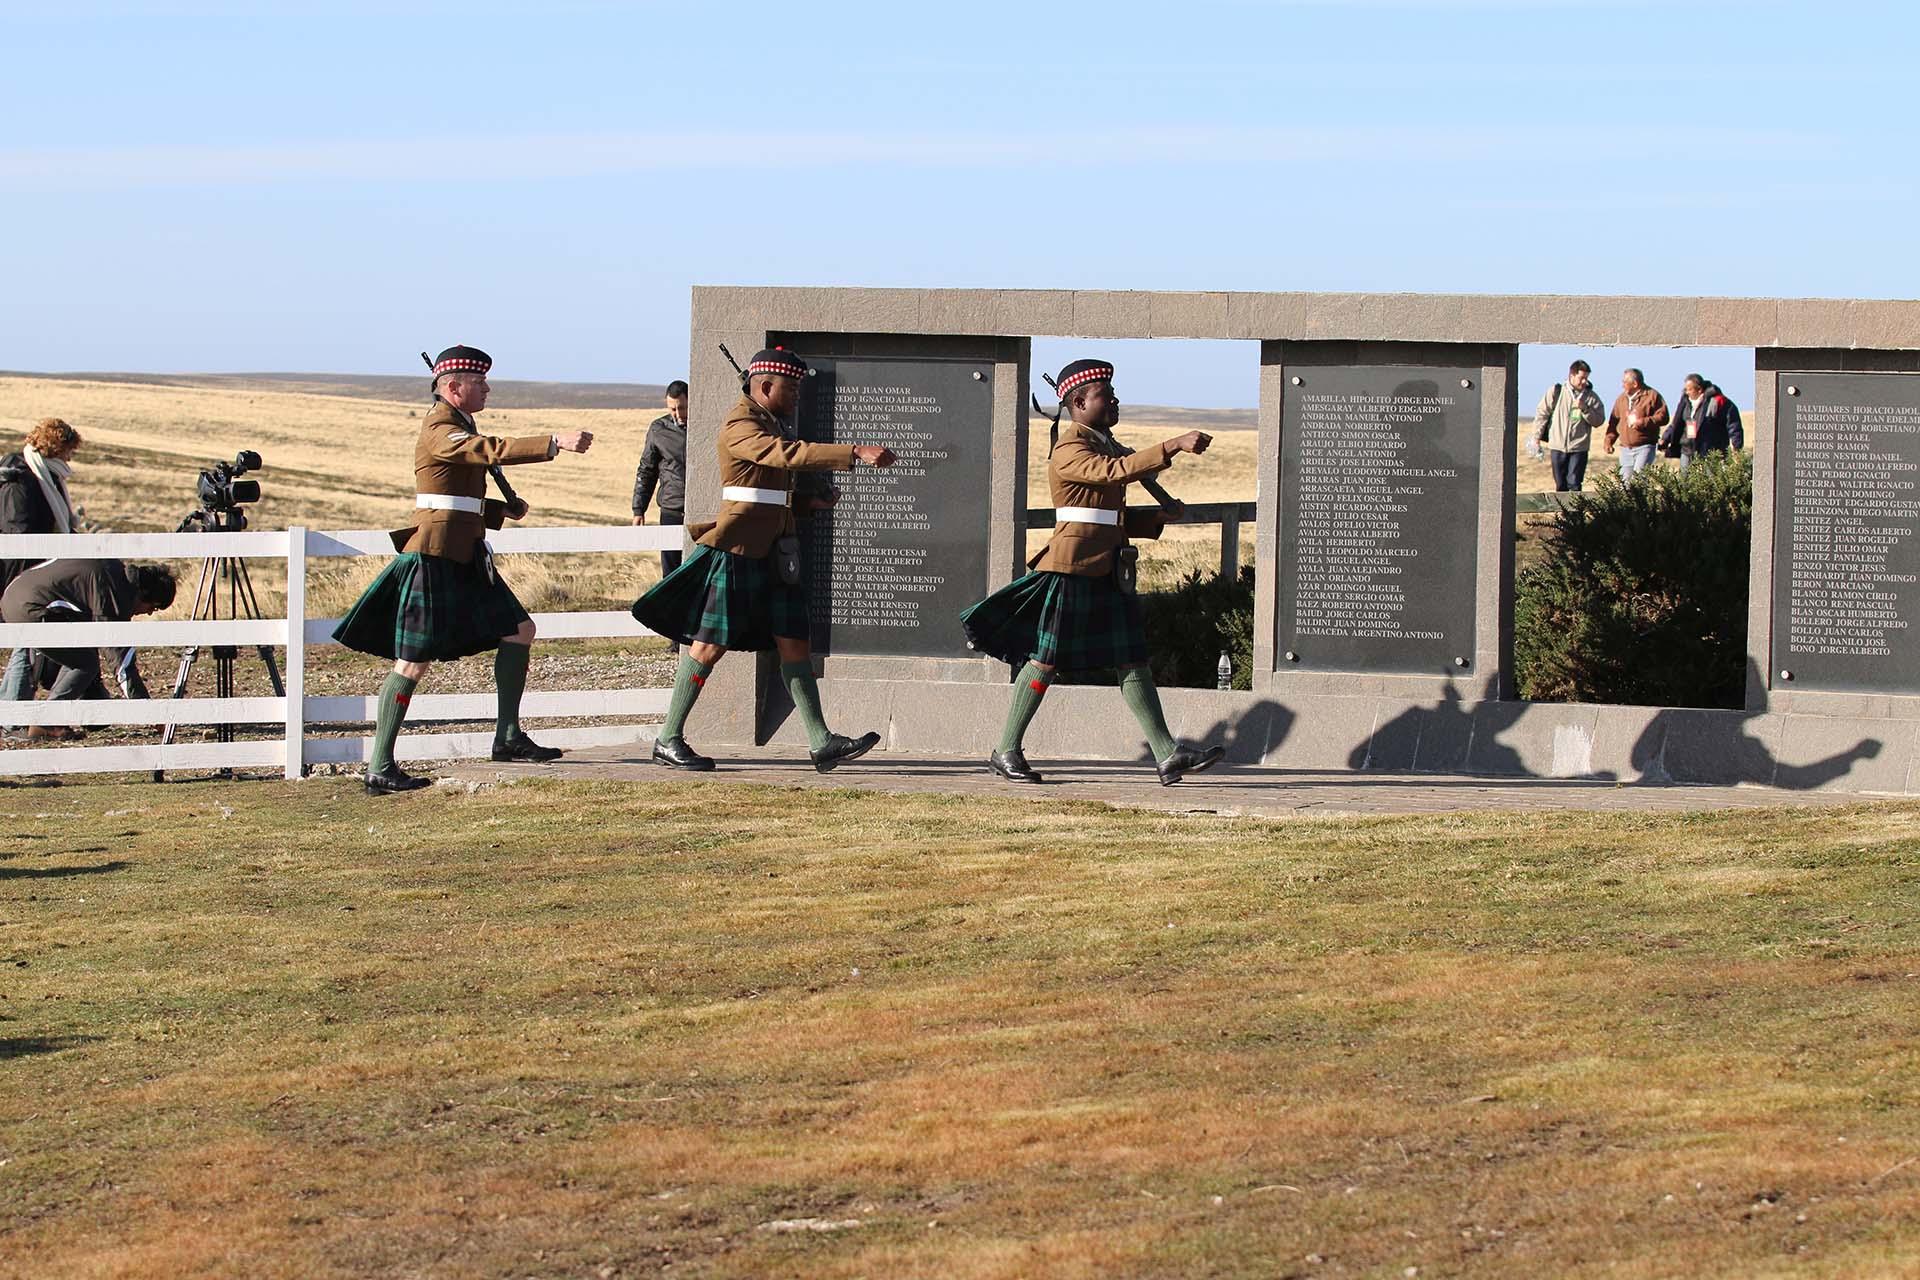 """La Guardia de Honor Escocesa marchó por el extremo interno del cementerio y se ubicó entre las placas con los nombres de los caídos adoptando una postura de """"descansen armas"""" para mostrar respeto por los combatientes argentinos"""